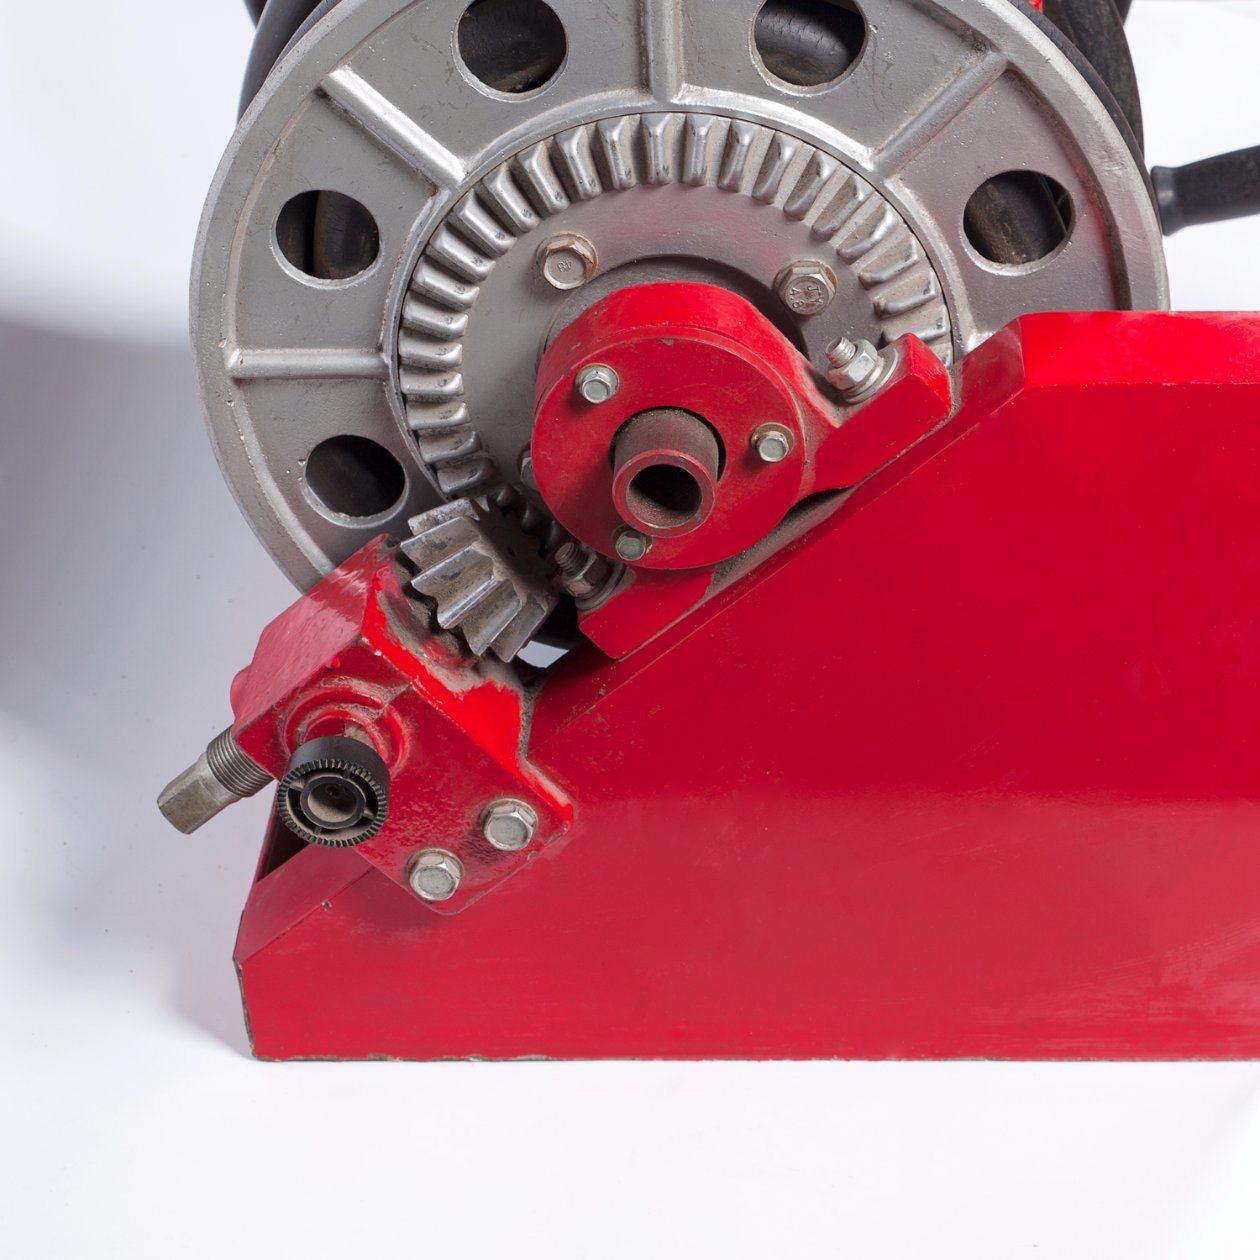 Steel Fire Hose Reel Gear for Fire Truck